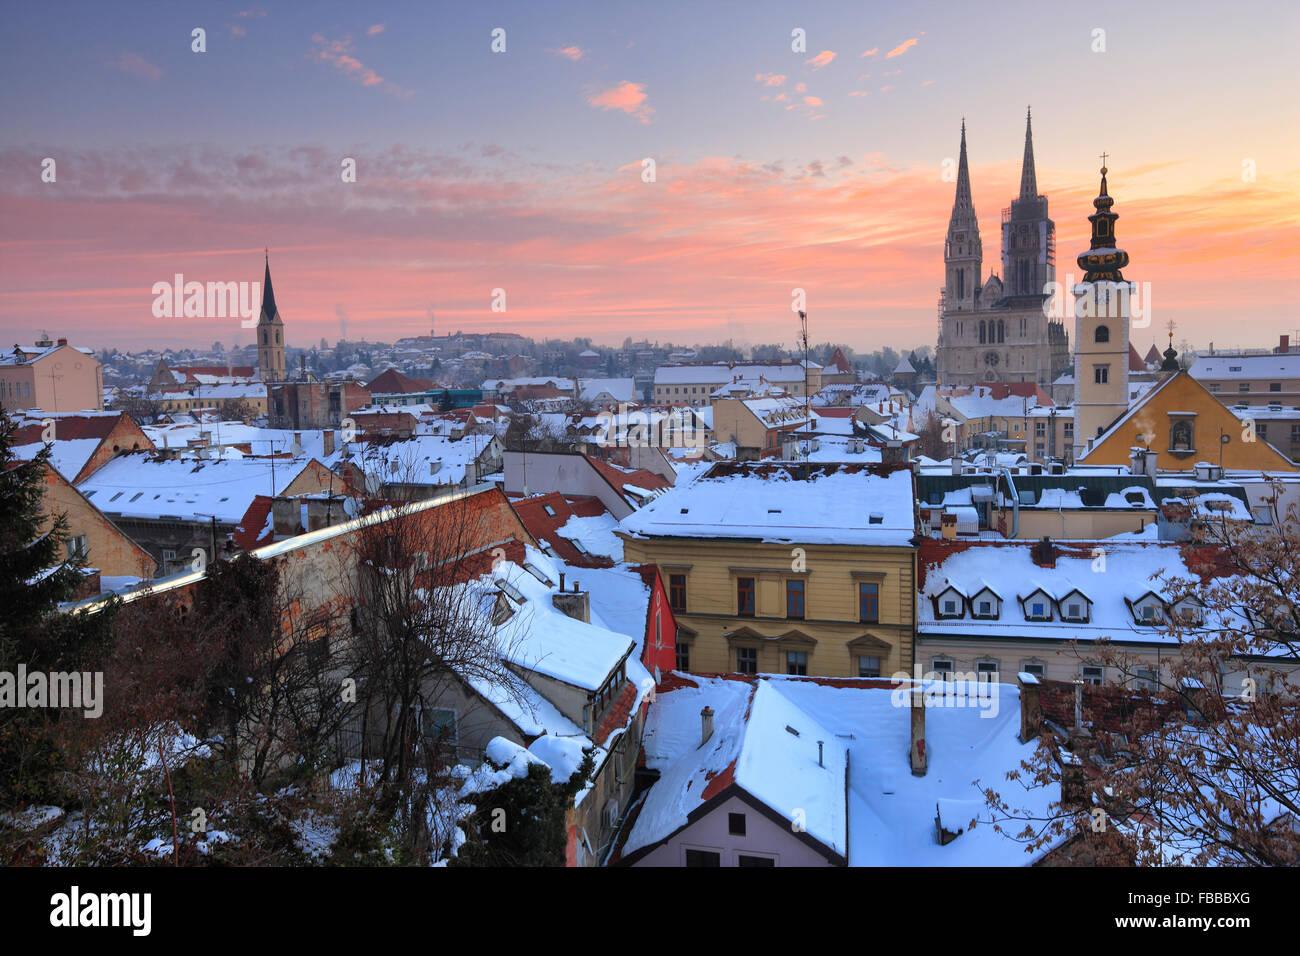 Panorama di Zagabria in inverno. Cattedrale sul retro dell'immagine. Immagini Stock